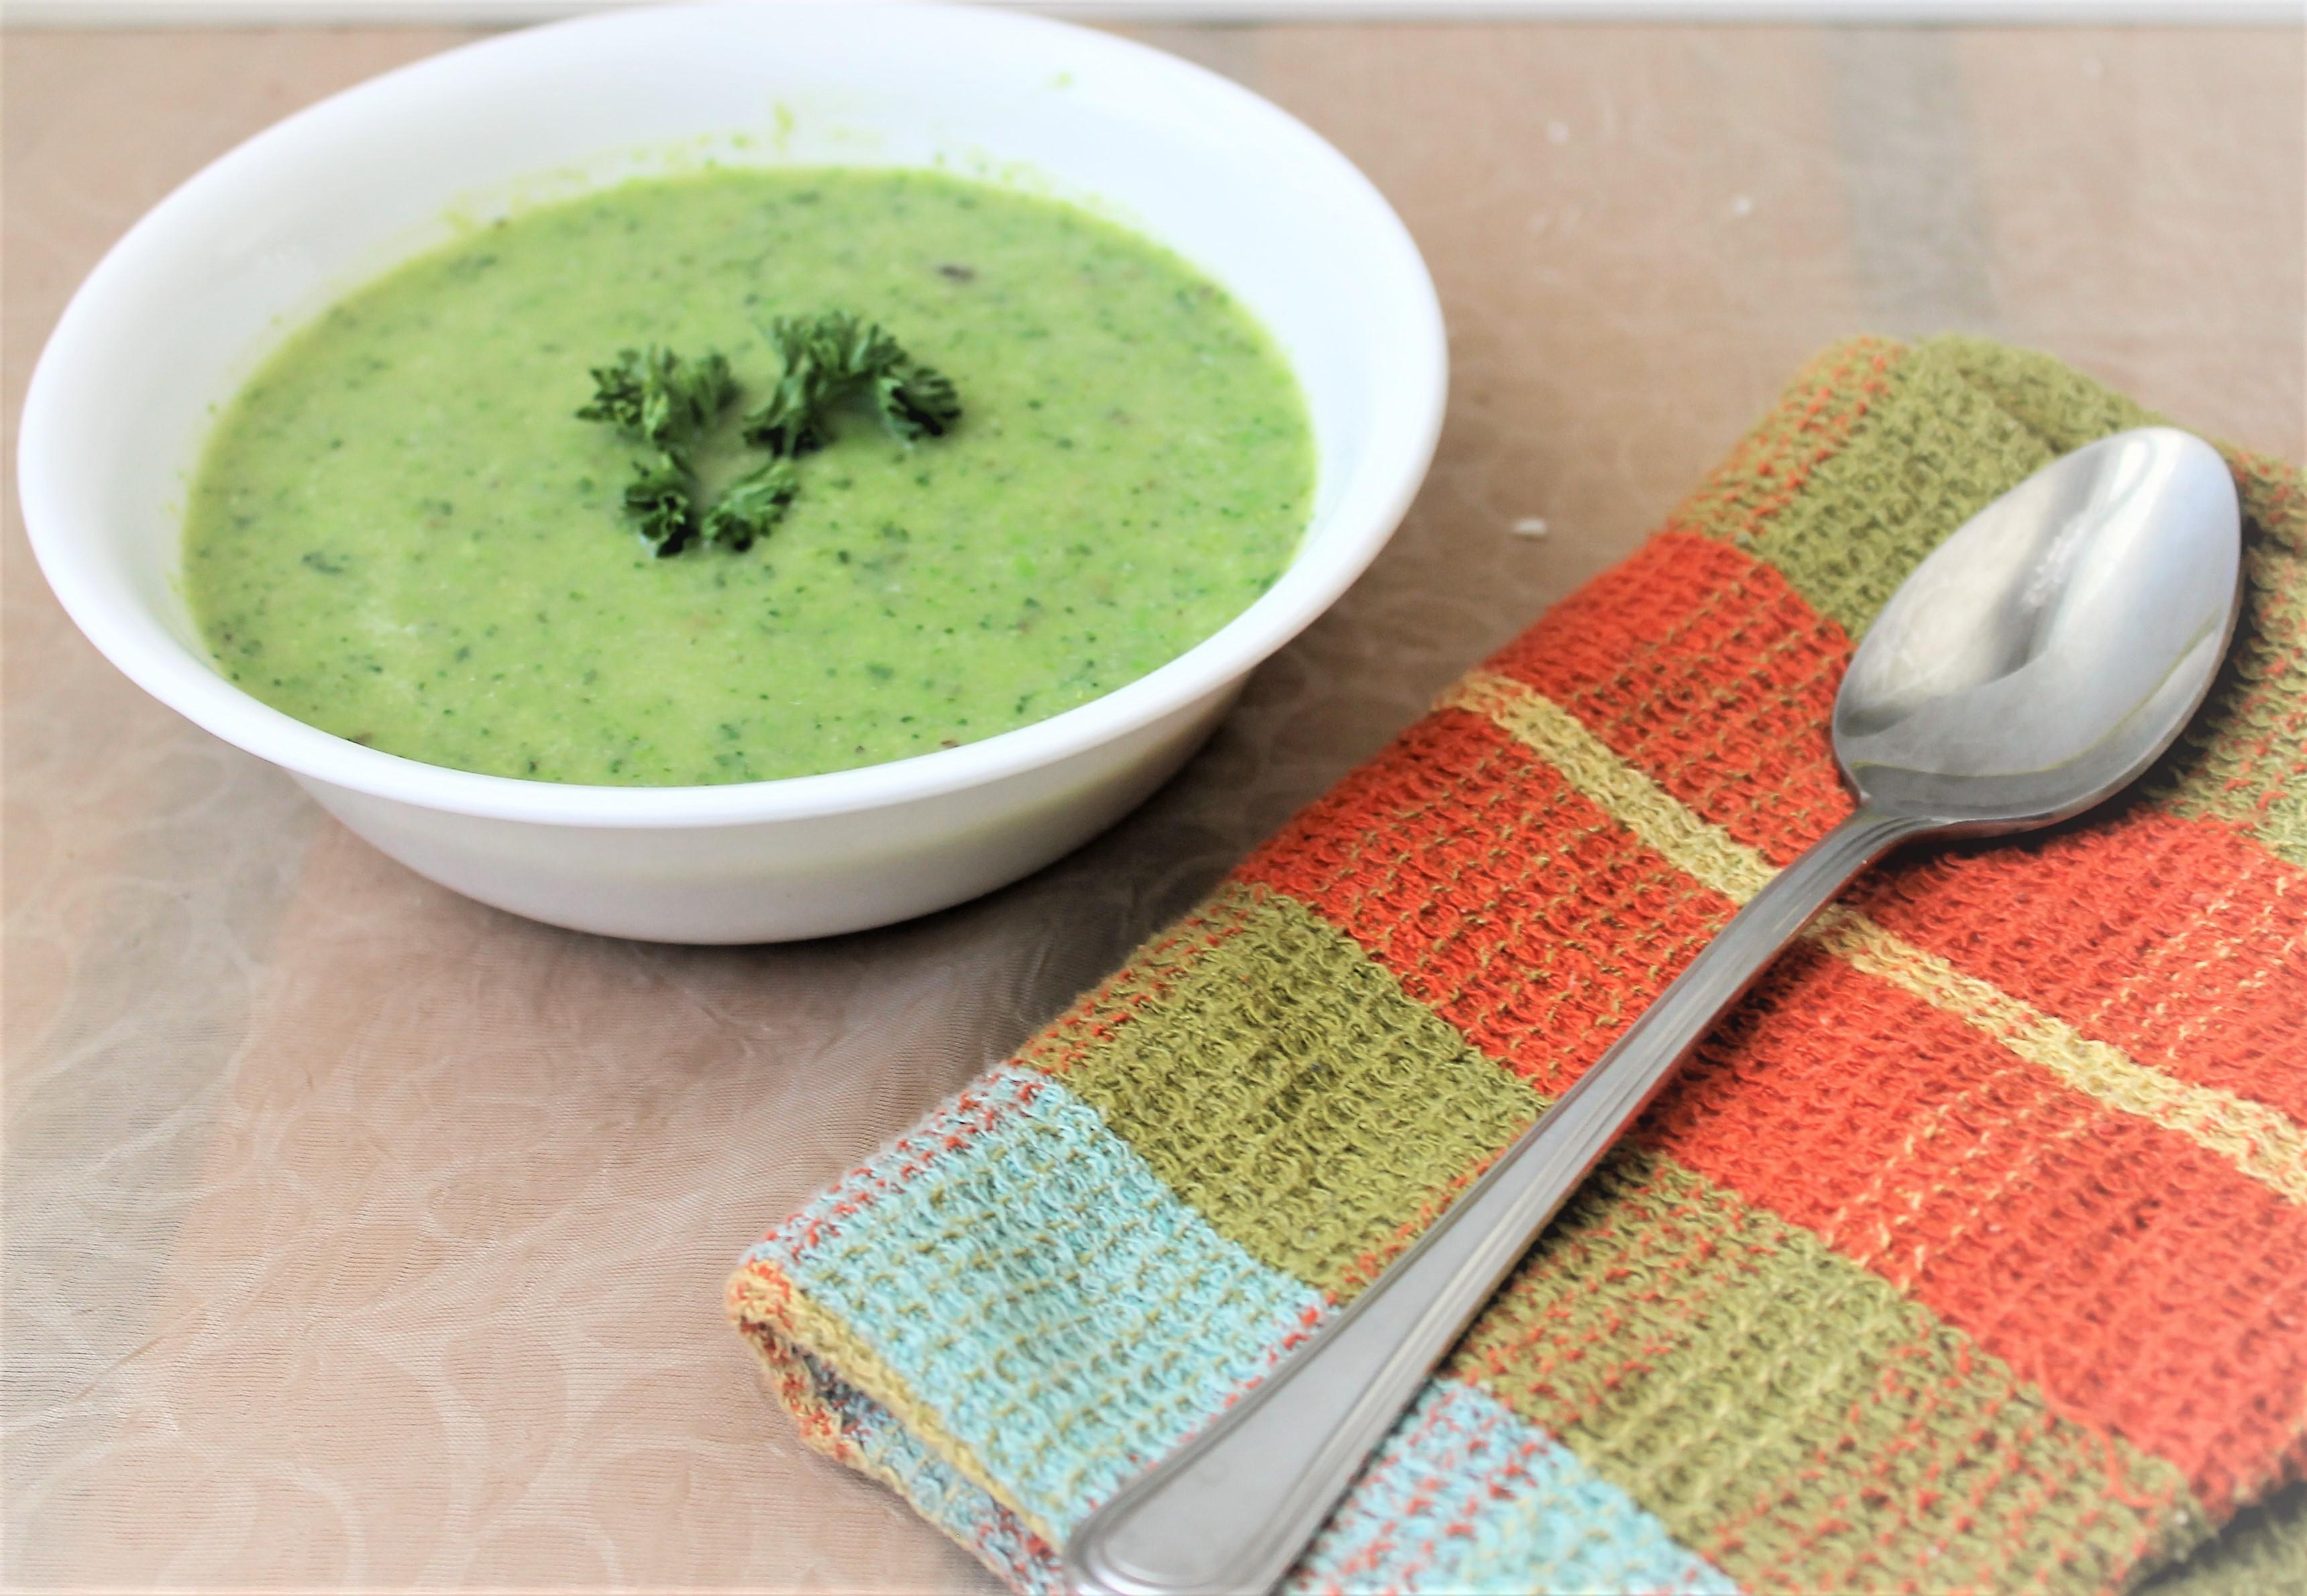 Green Detox Soup